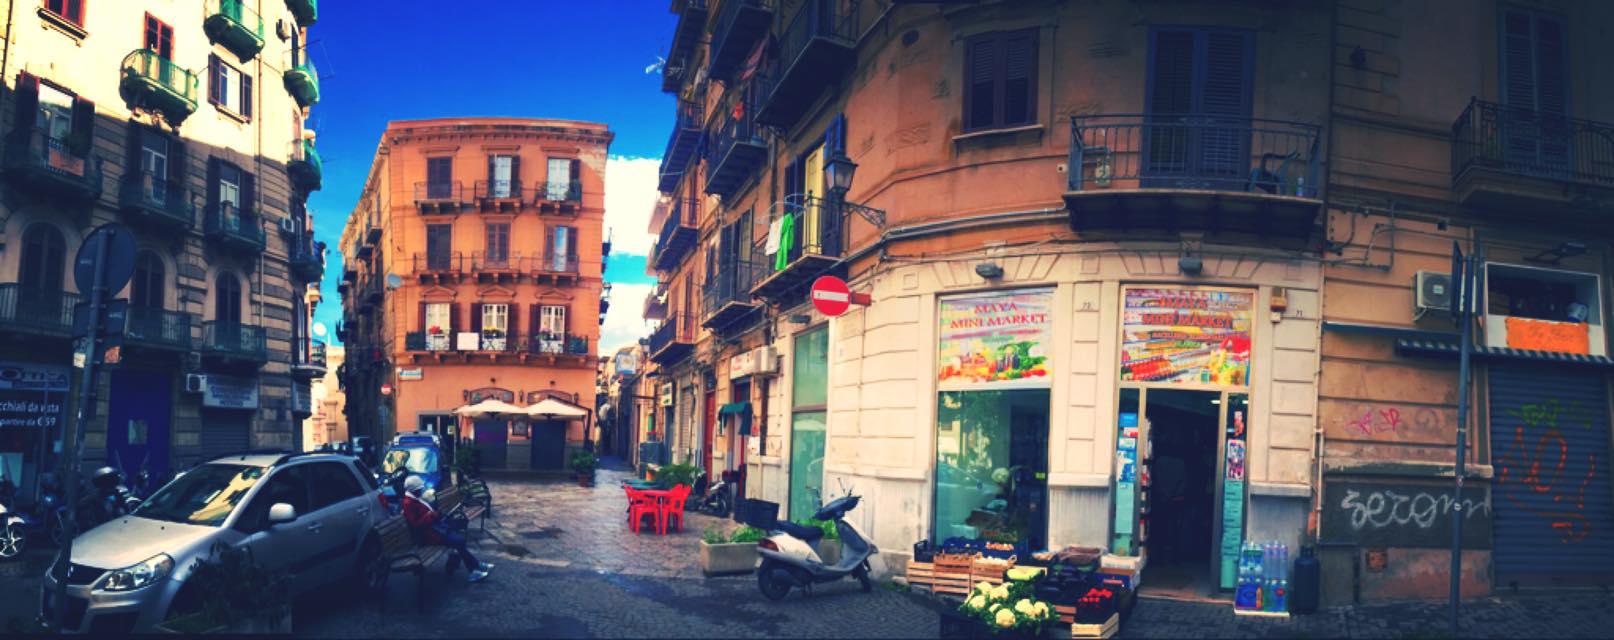 Was Palermo aus dir macht. Palermo; Sizilien; Italien